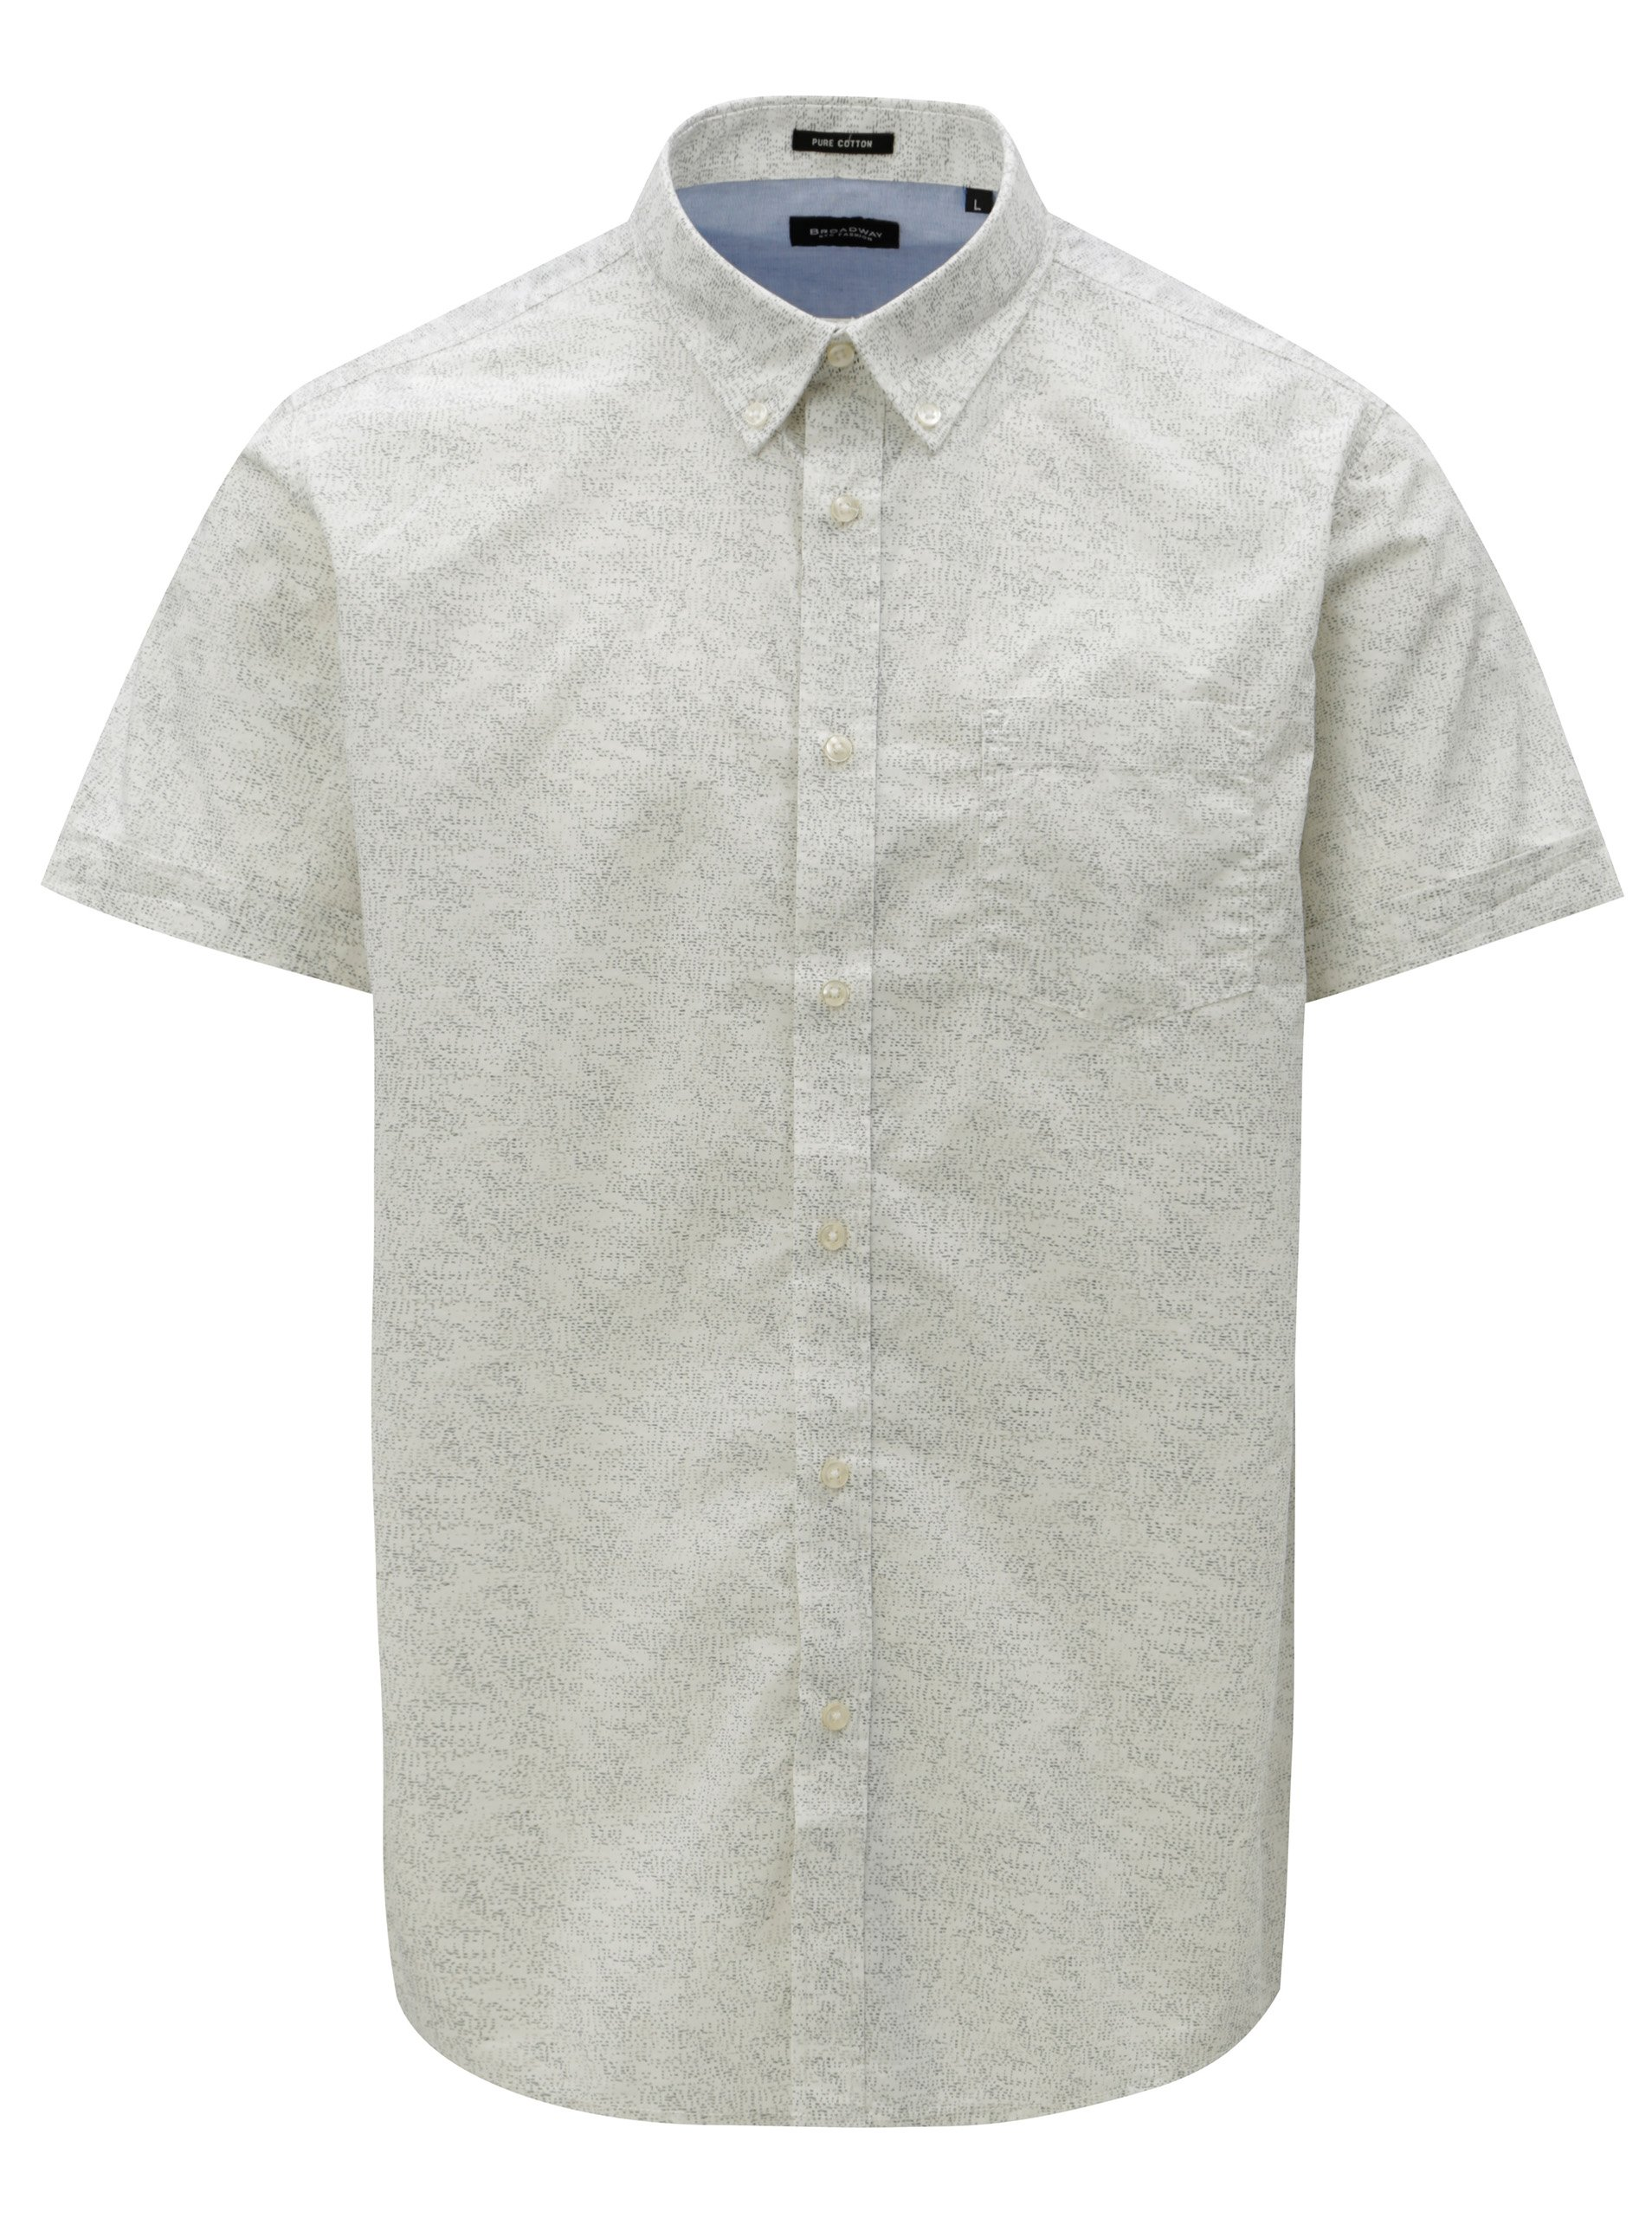 Krémová pánská vzorovaná košile s krátkým rukávem Broadway Ewen